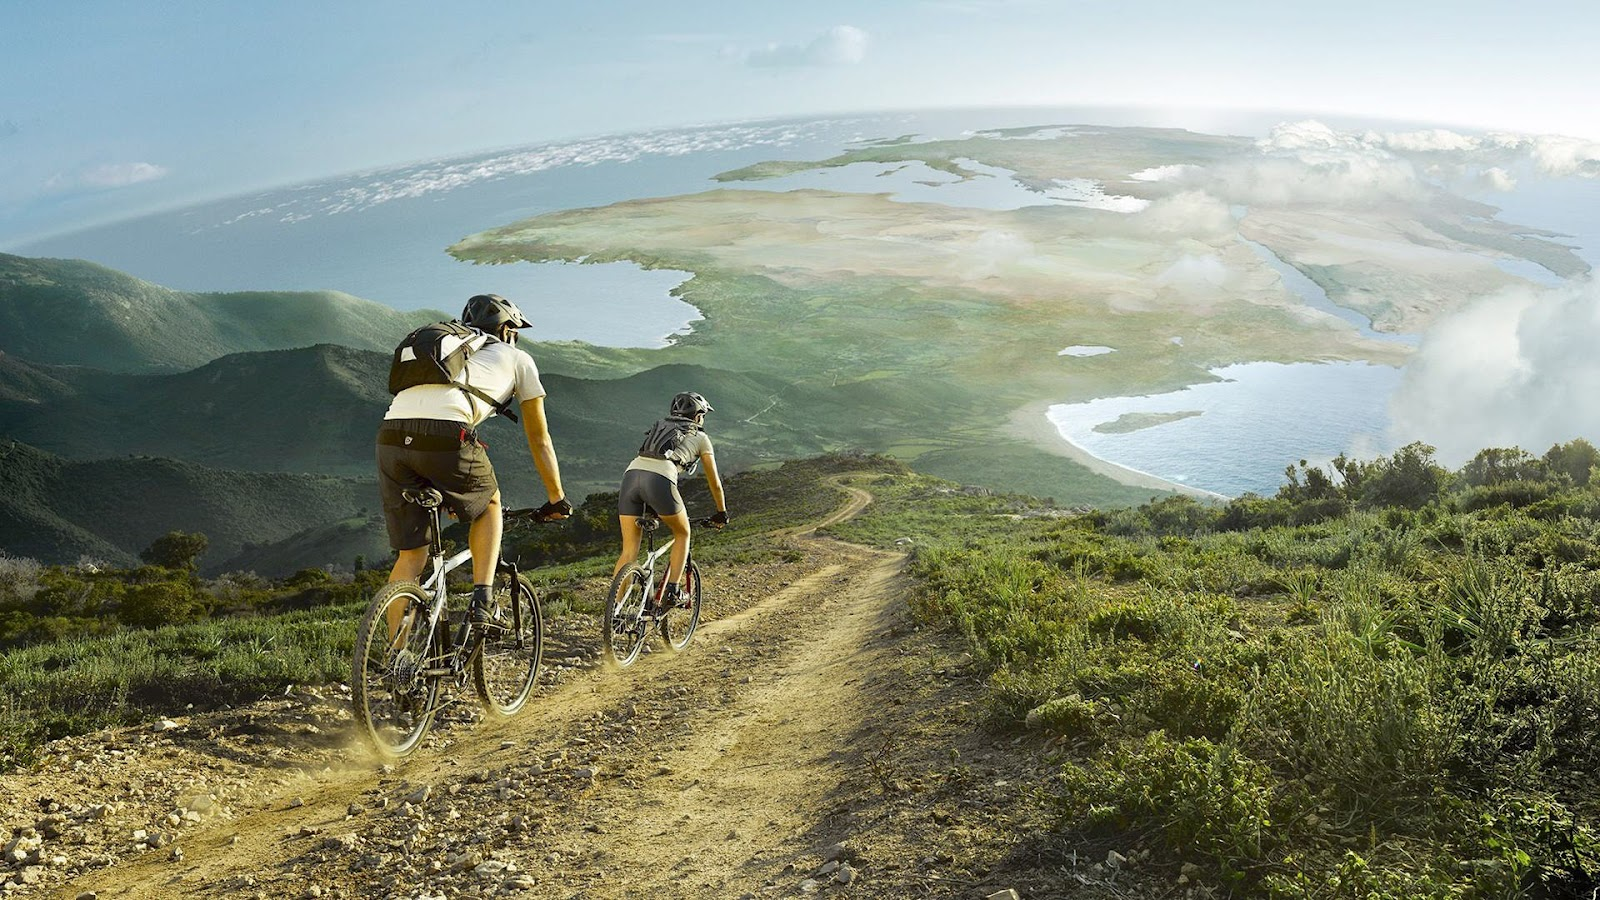 http://4.bp.blogspot.com/-mNtaSAl39hE/T6v3IWO0BPI/AAAAAAAAANI/zxIIhnLyBCI/s1600/Trek-Mountain-Bike-Wallpaper-1920x1080.jpeg